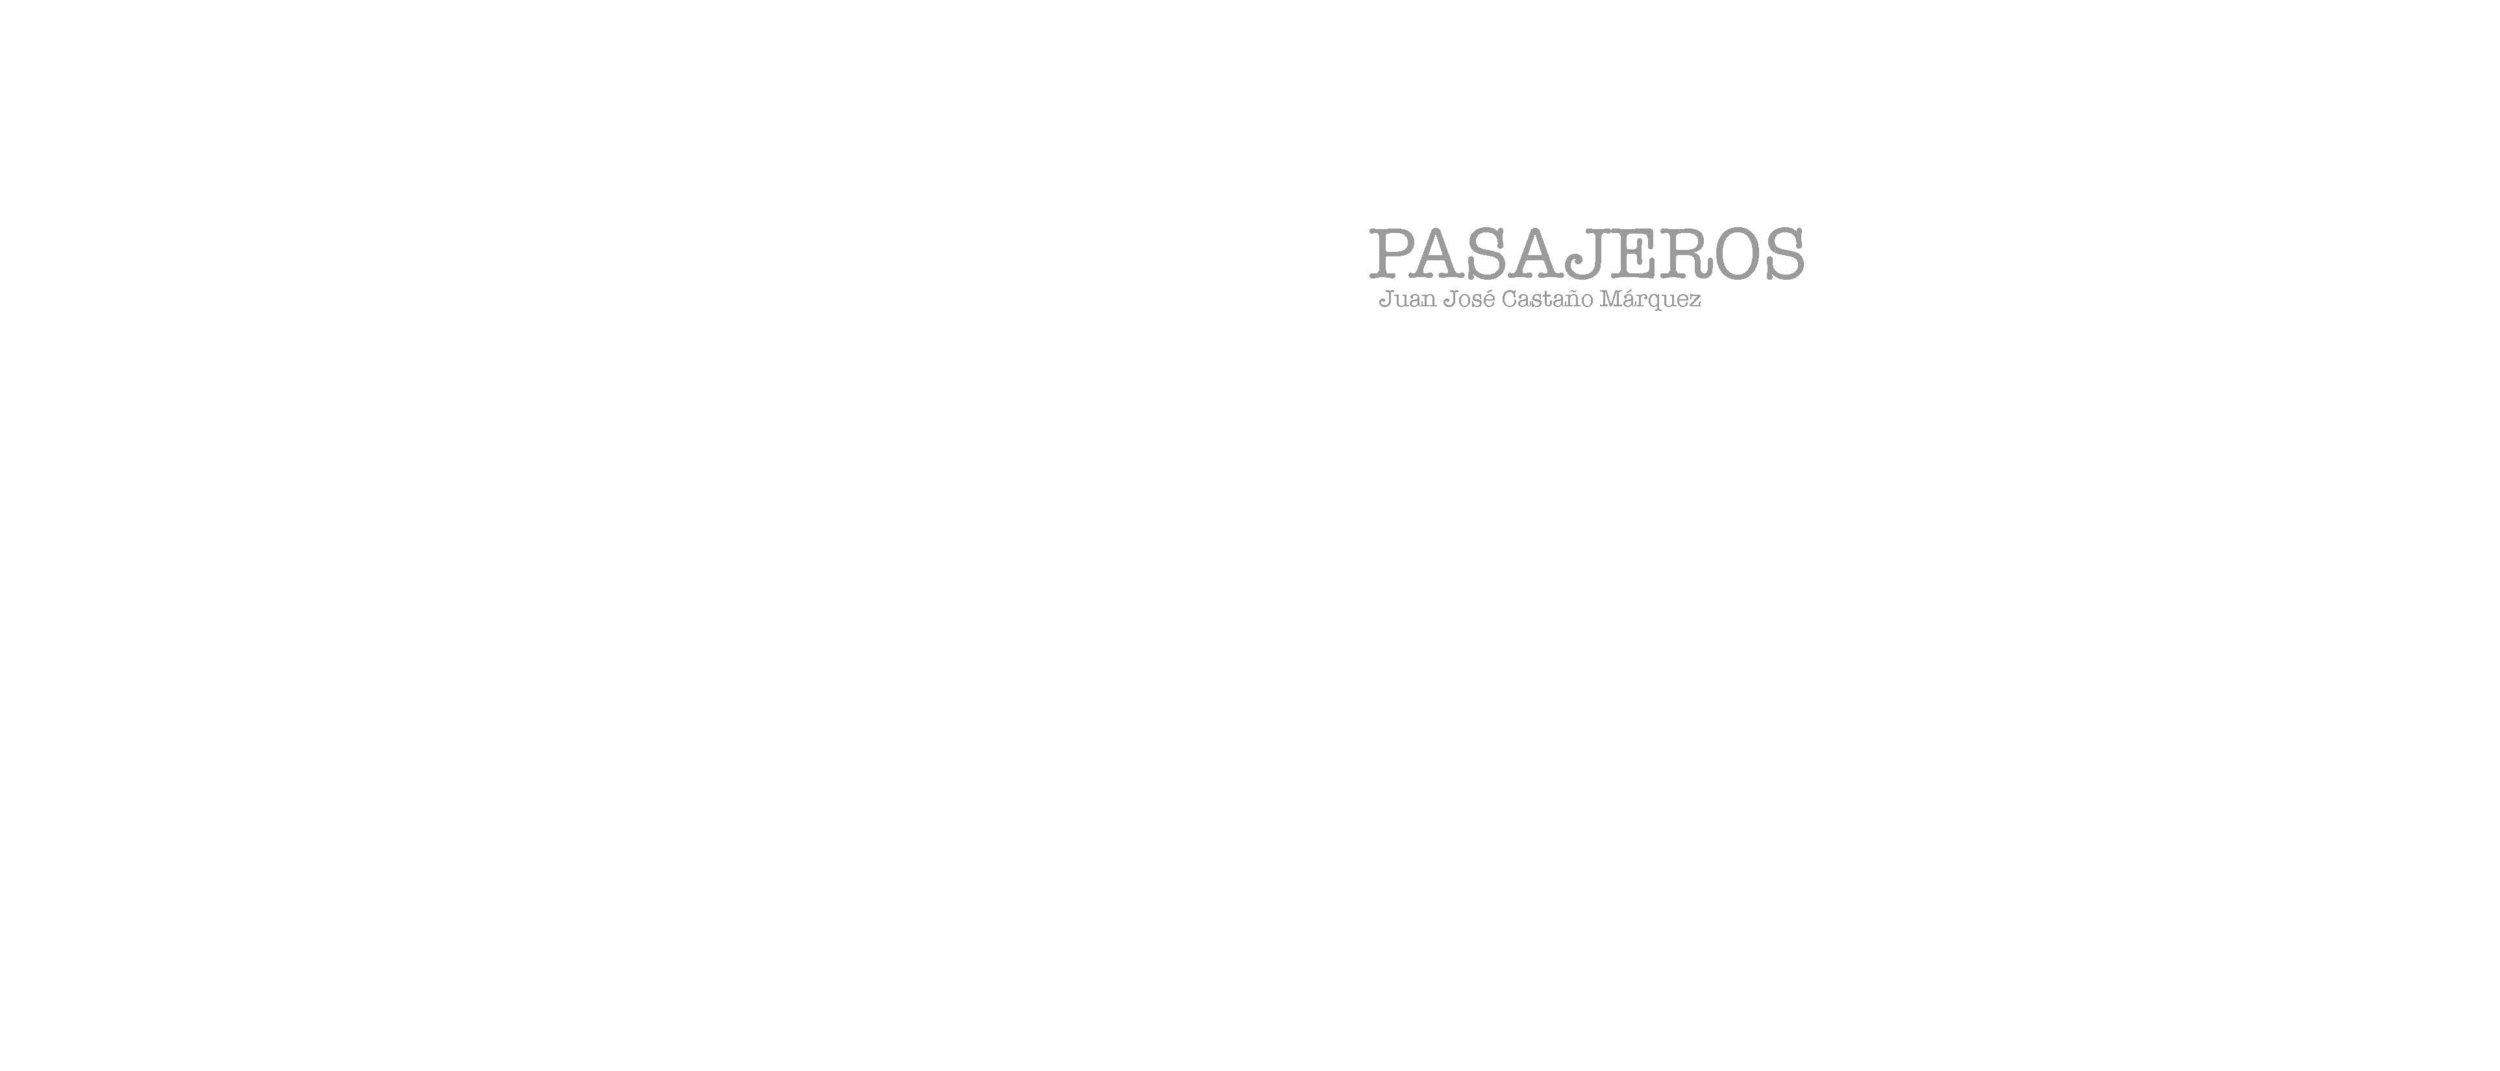 Pasajeros [revised]_Page_01.jpg